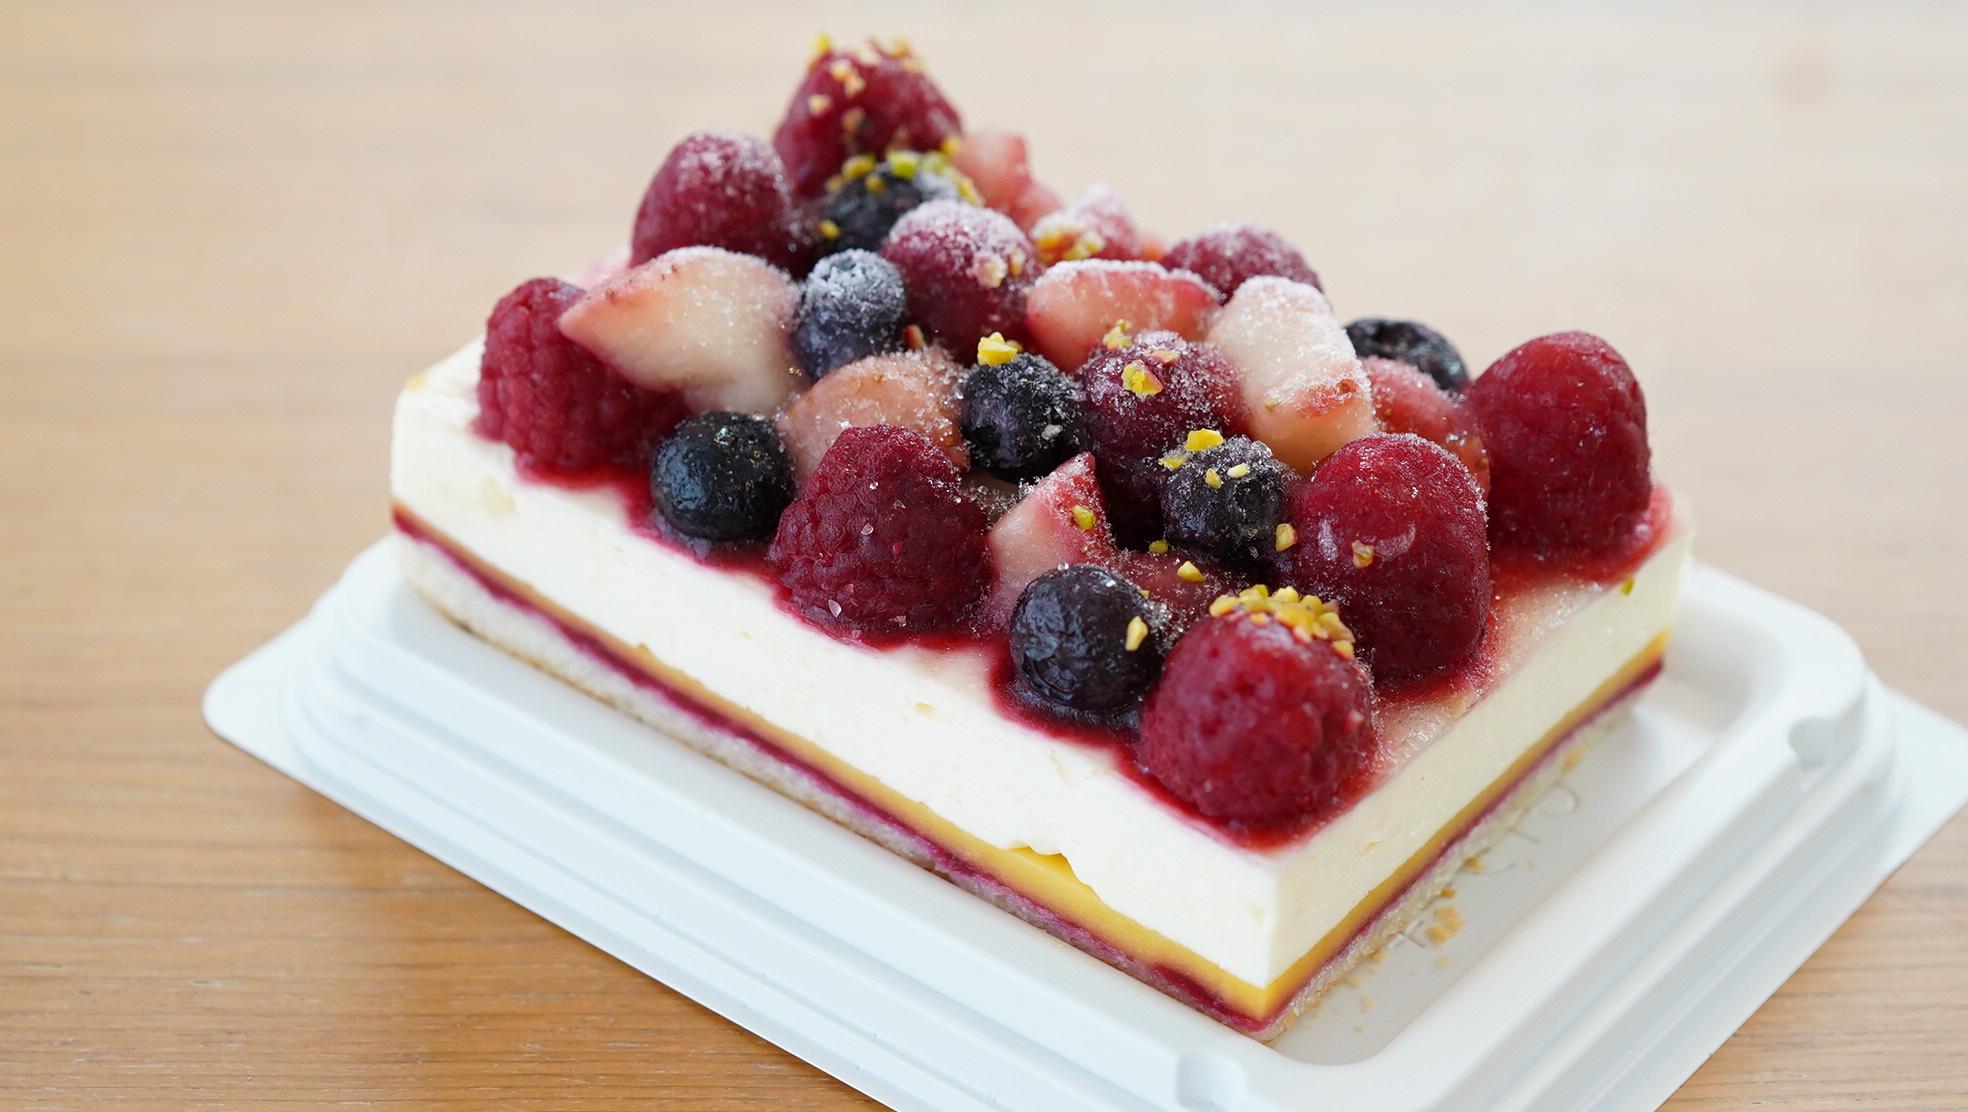 ピカールのおすすめ冷凍食品「フルーツティラミス」の商品写真